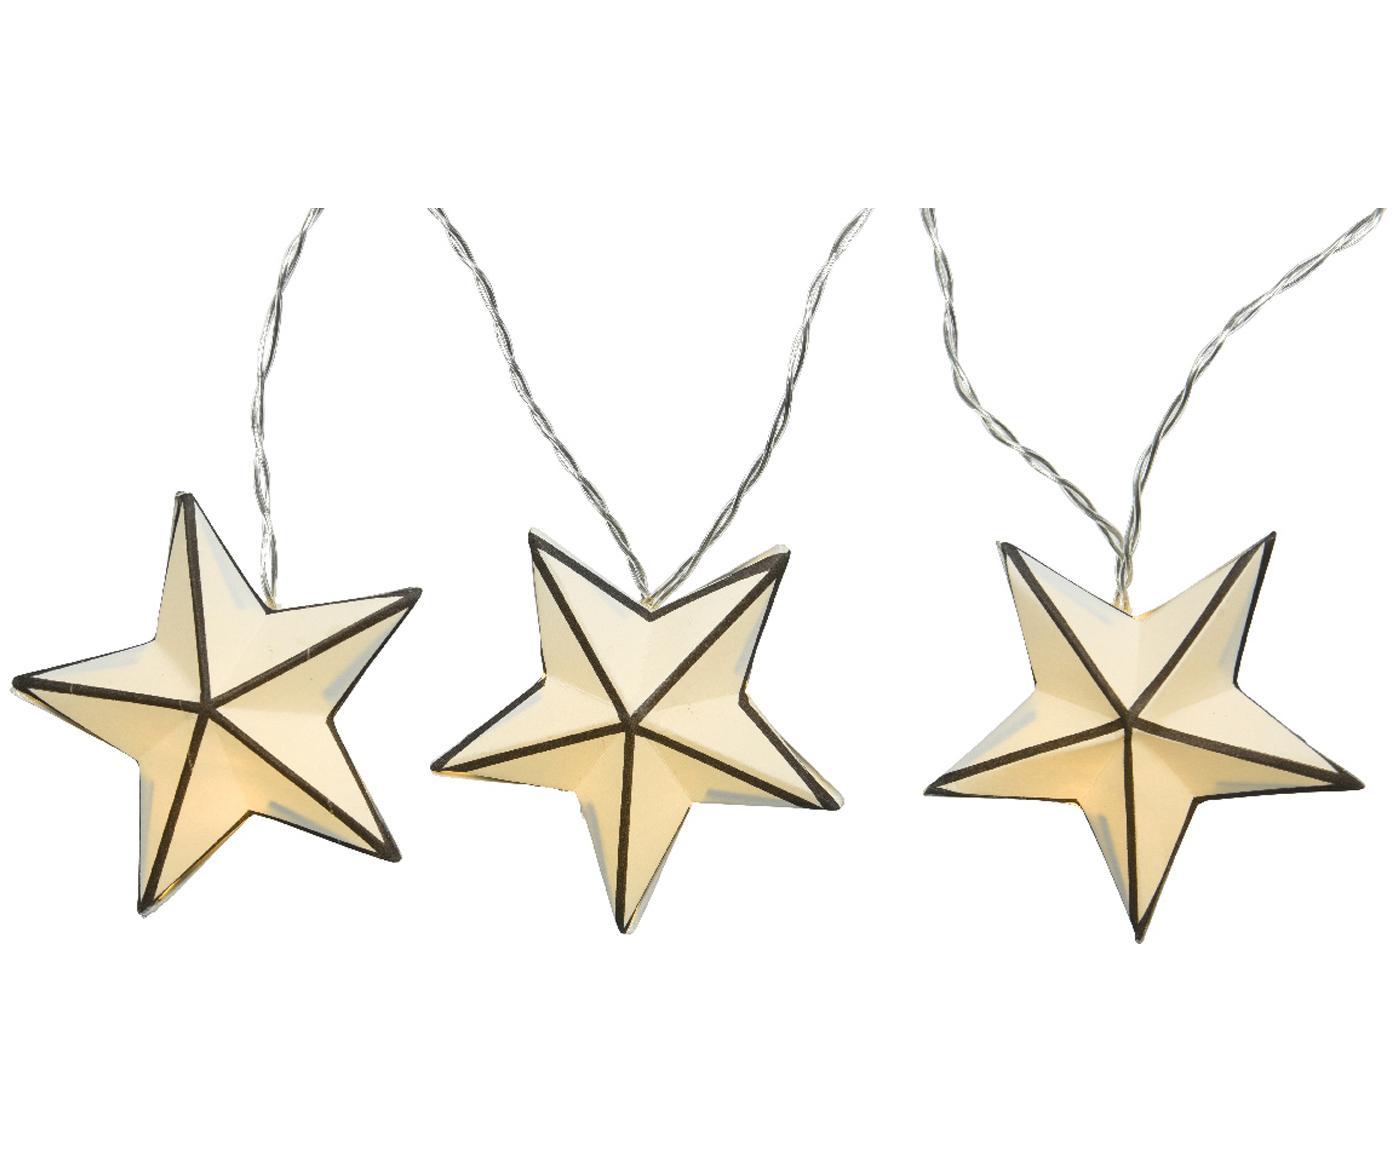 Guirnalda de luces LED Stars, Cable: plástico, Blanco, negro, L 380 cm